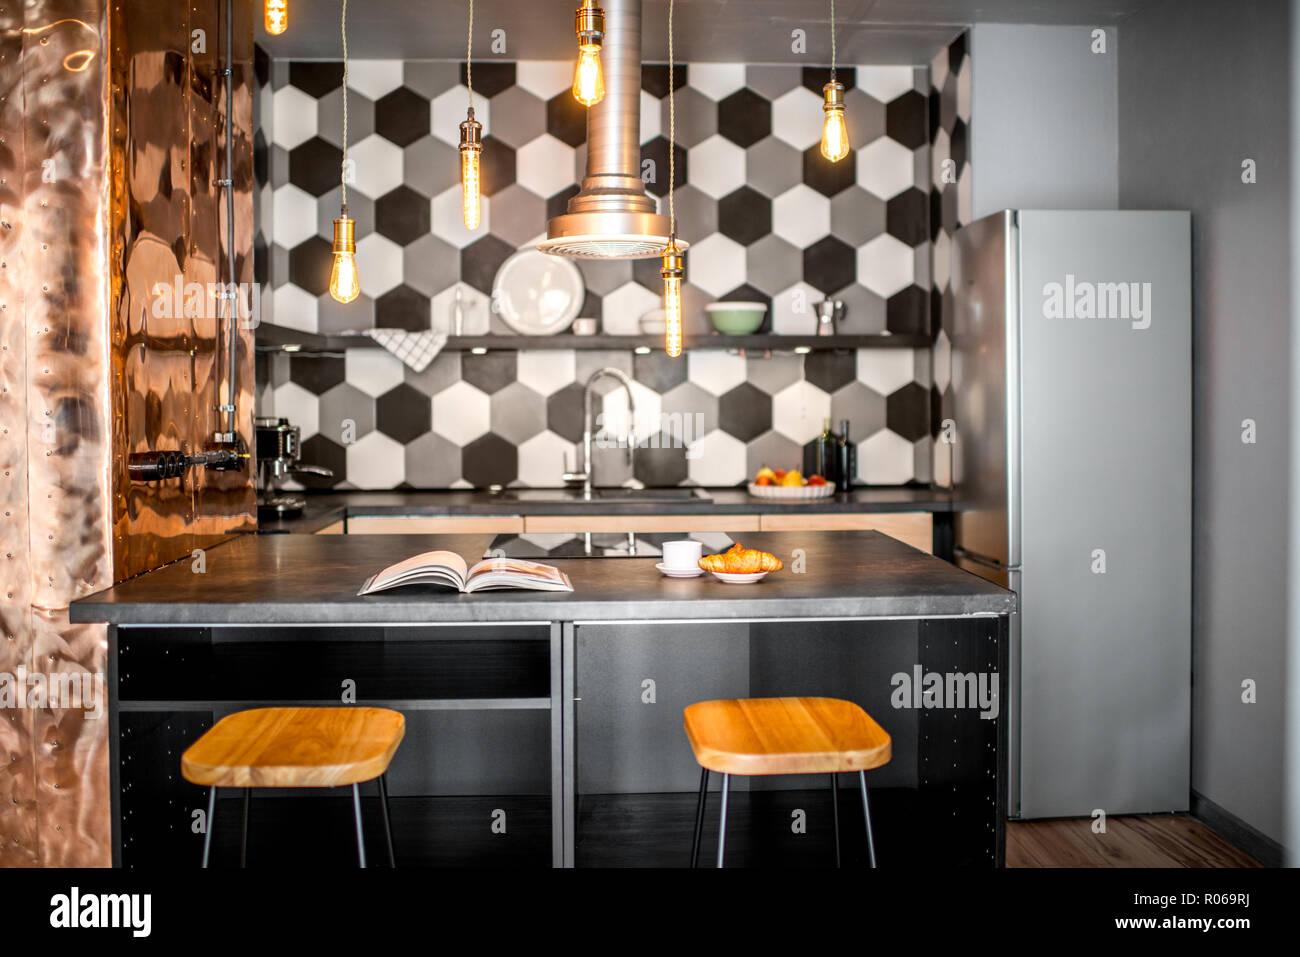 Loft cucina interna esagonale con piastrelle bianche e nere e parete di rame foto immagine - Piastrelle cucina bianche ...